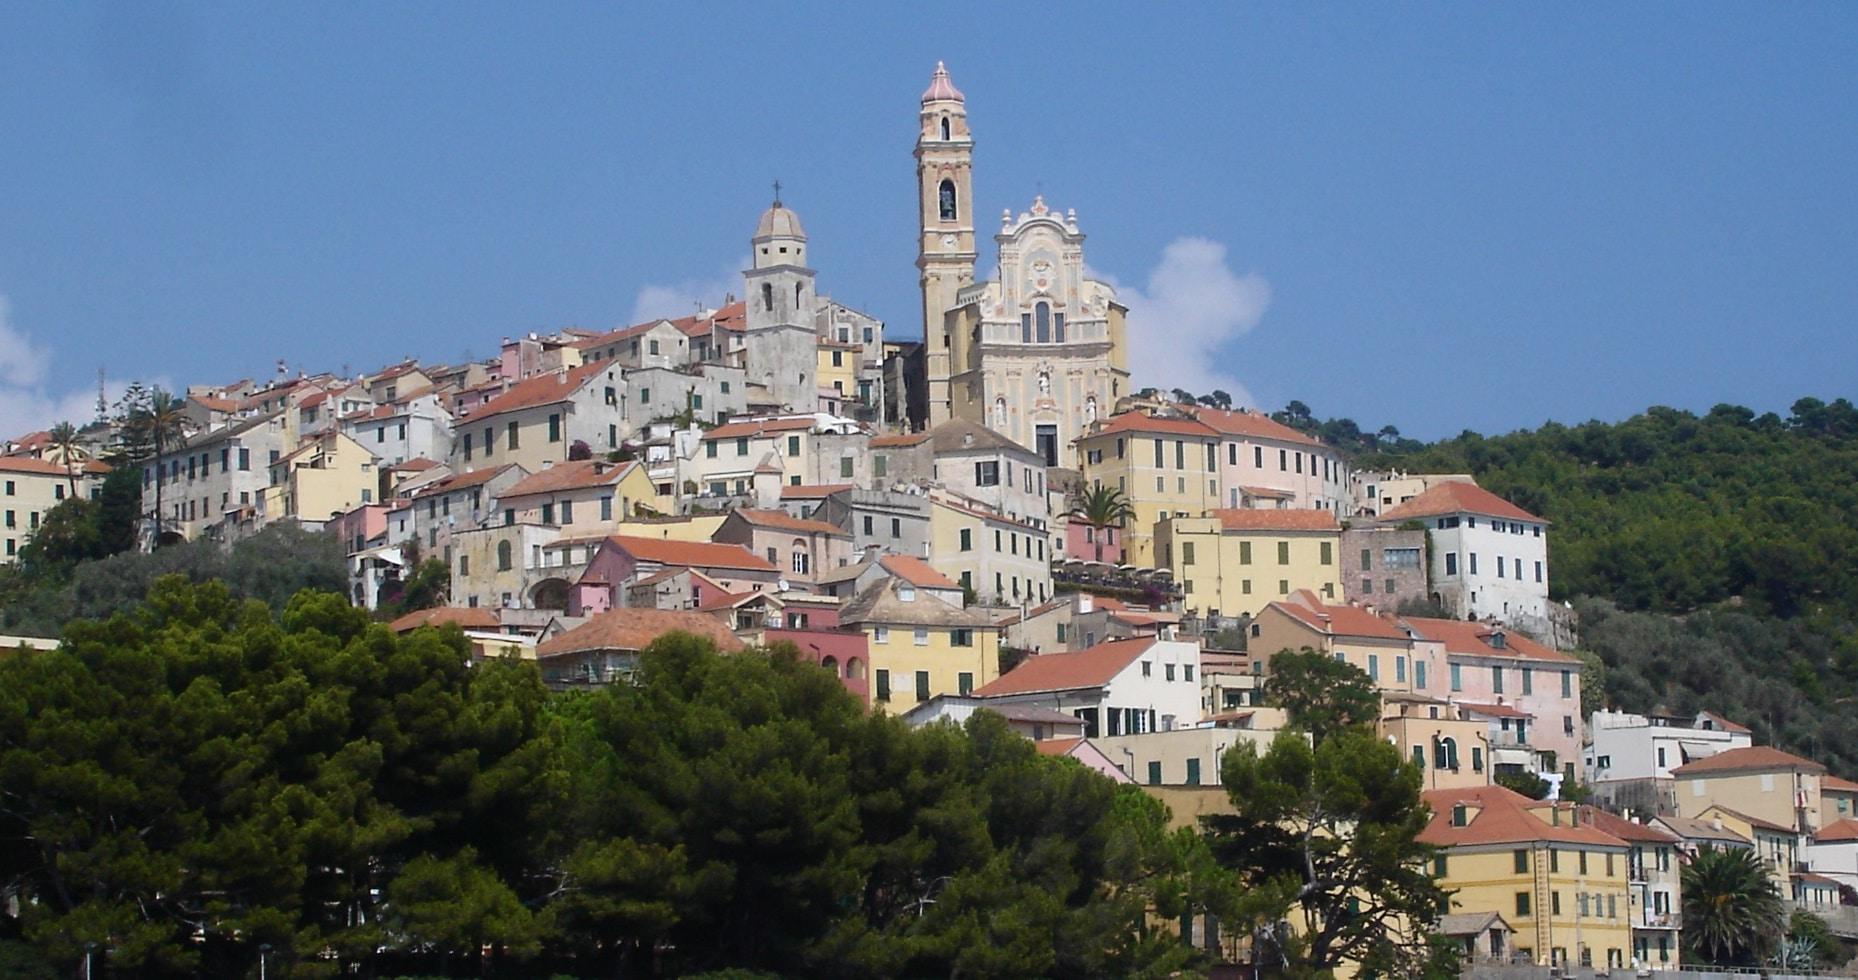 Torna nel Borgo affacciato sul mare la rassegna letteraria in collaborazione con il premio più famoso d'Italia